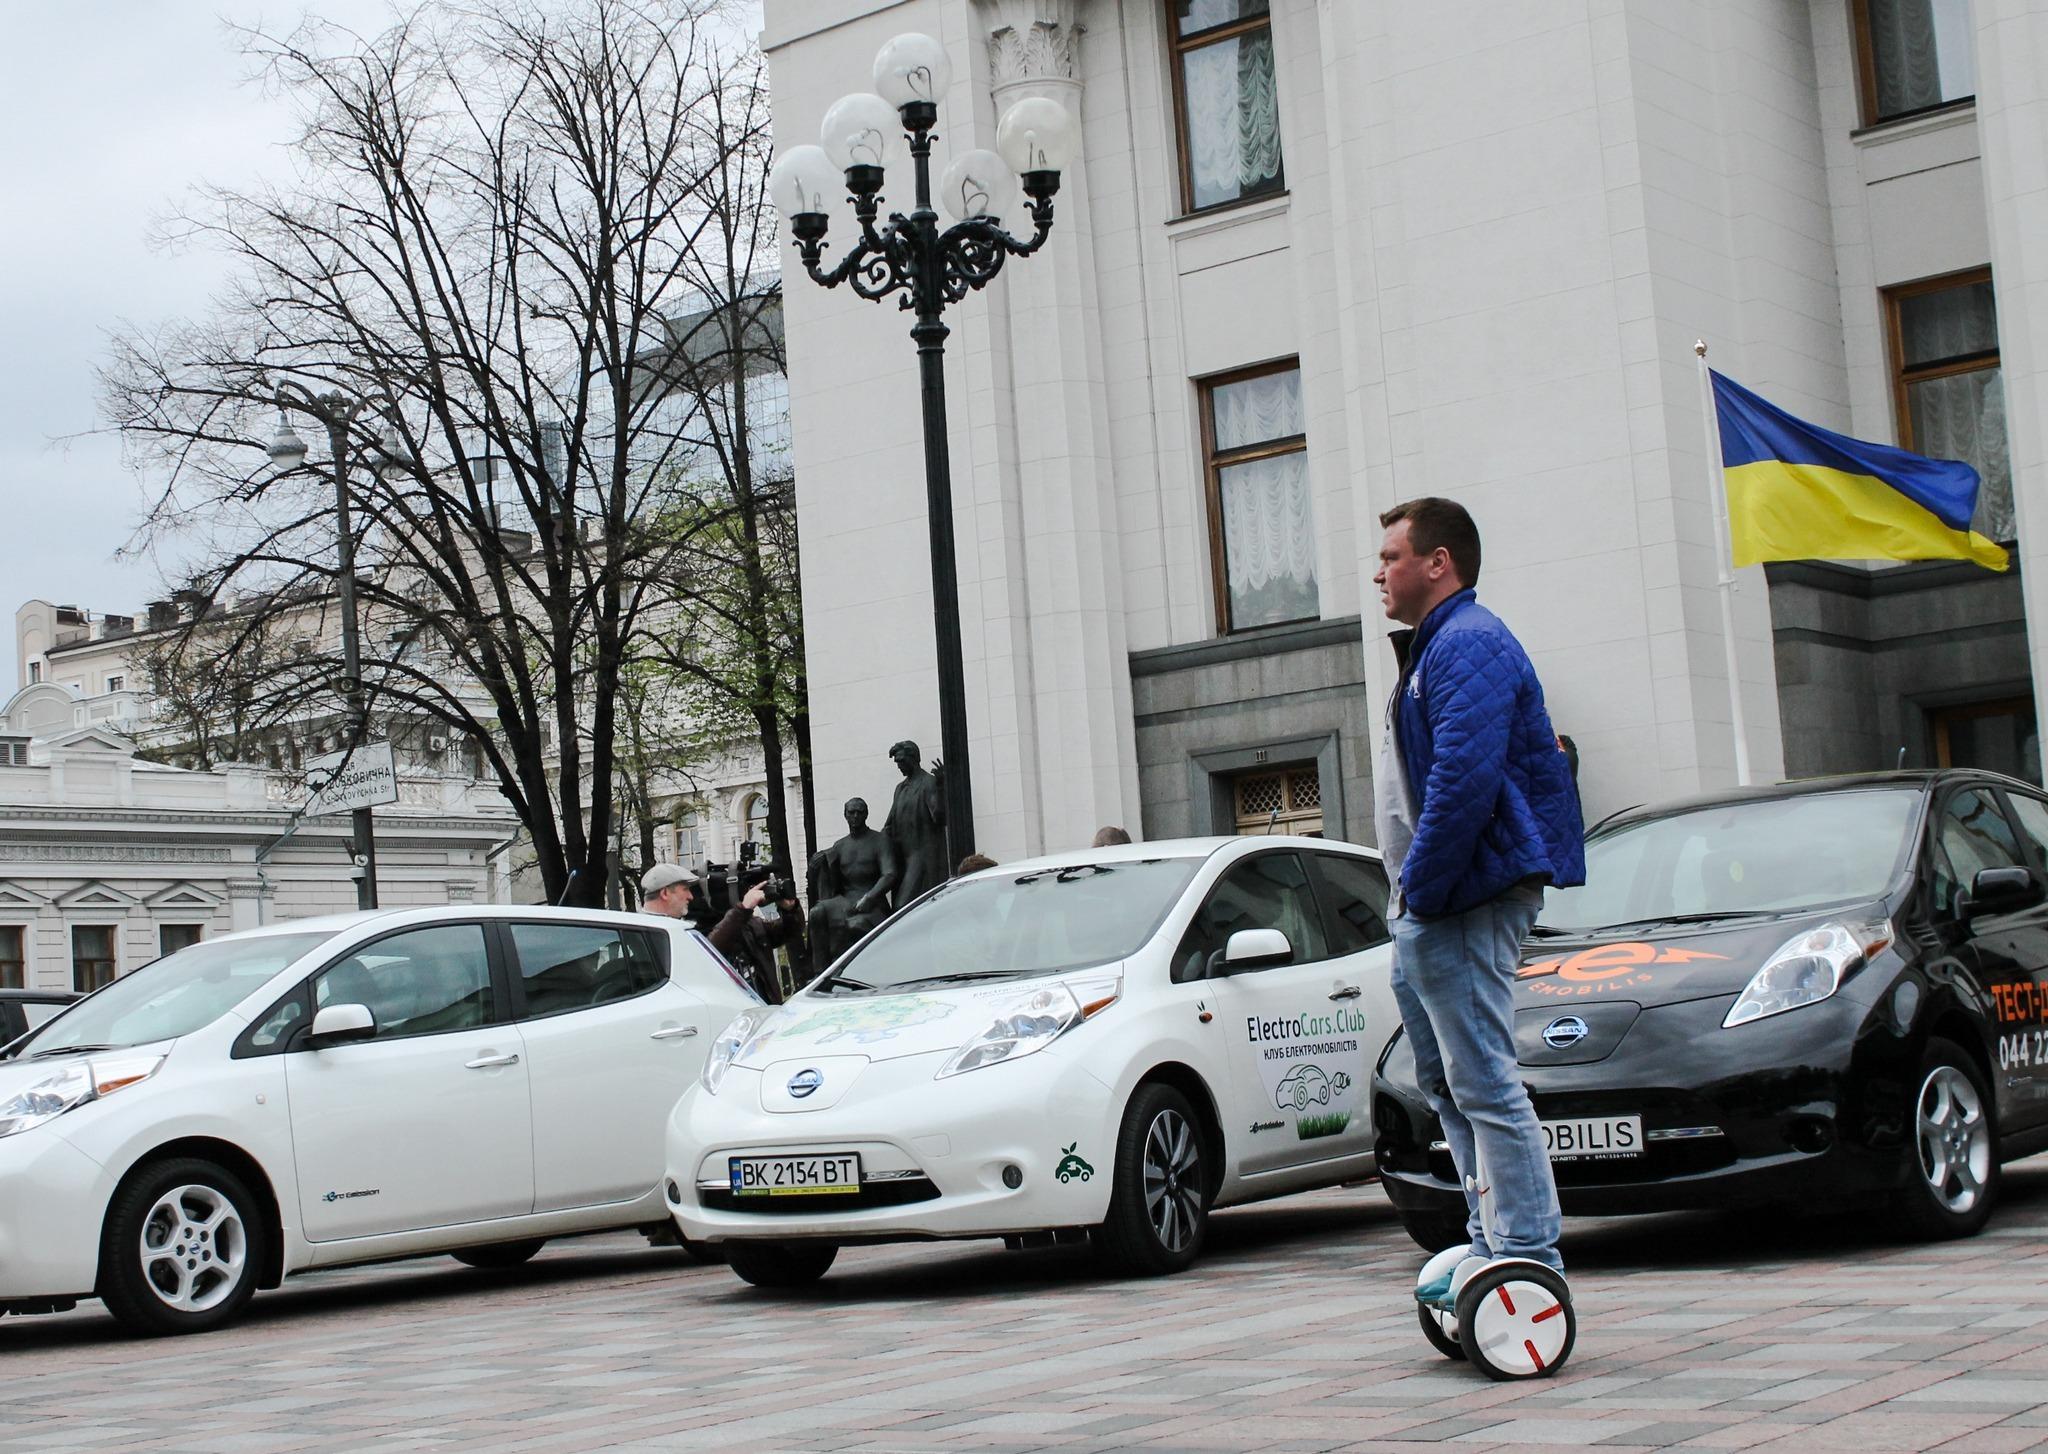 Министр инфраструктуры: стратегию развития электромобилей могут принять в первом полугодии 2018 года